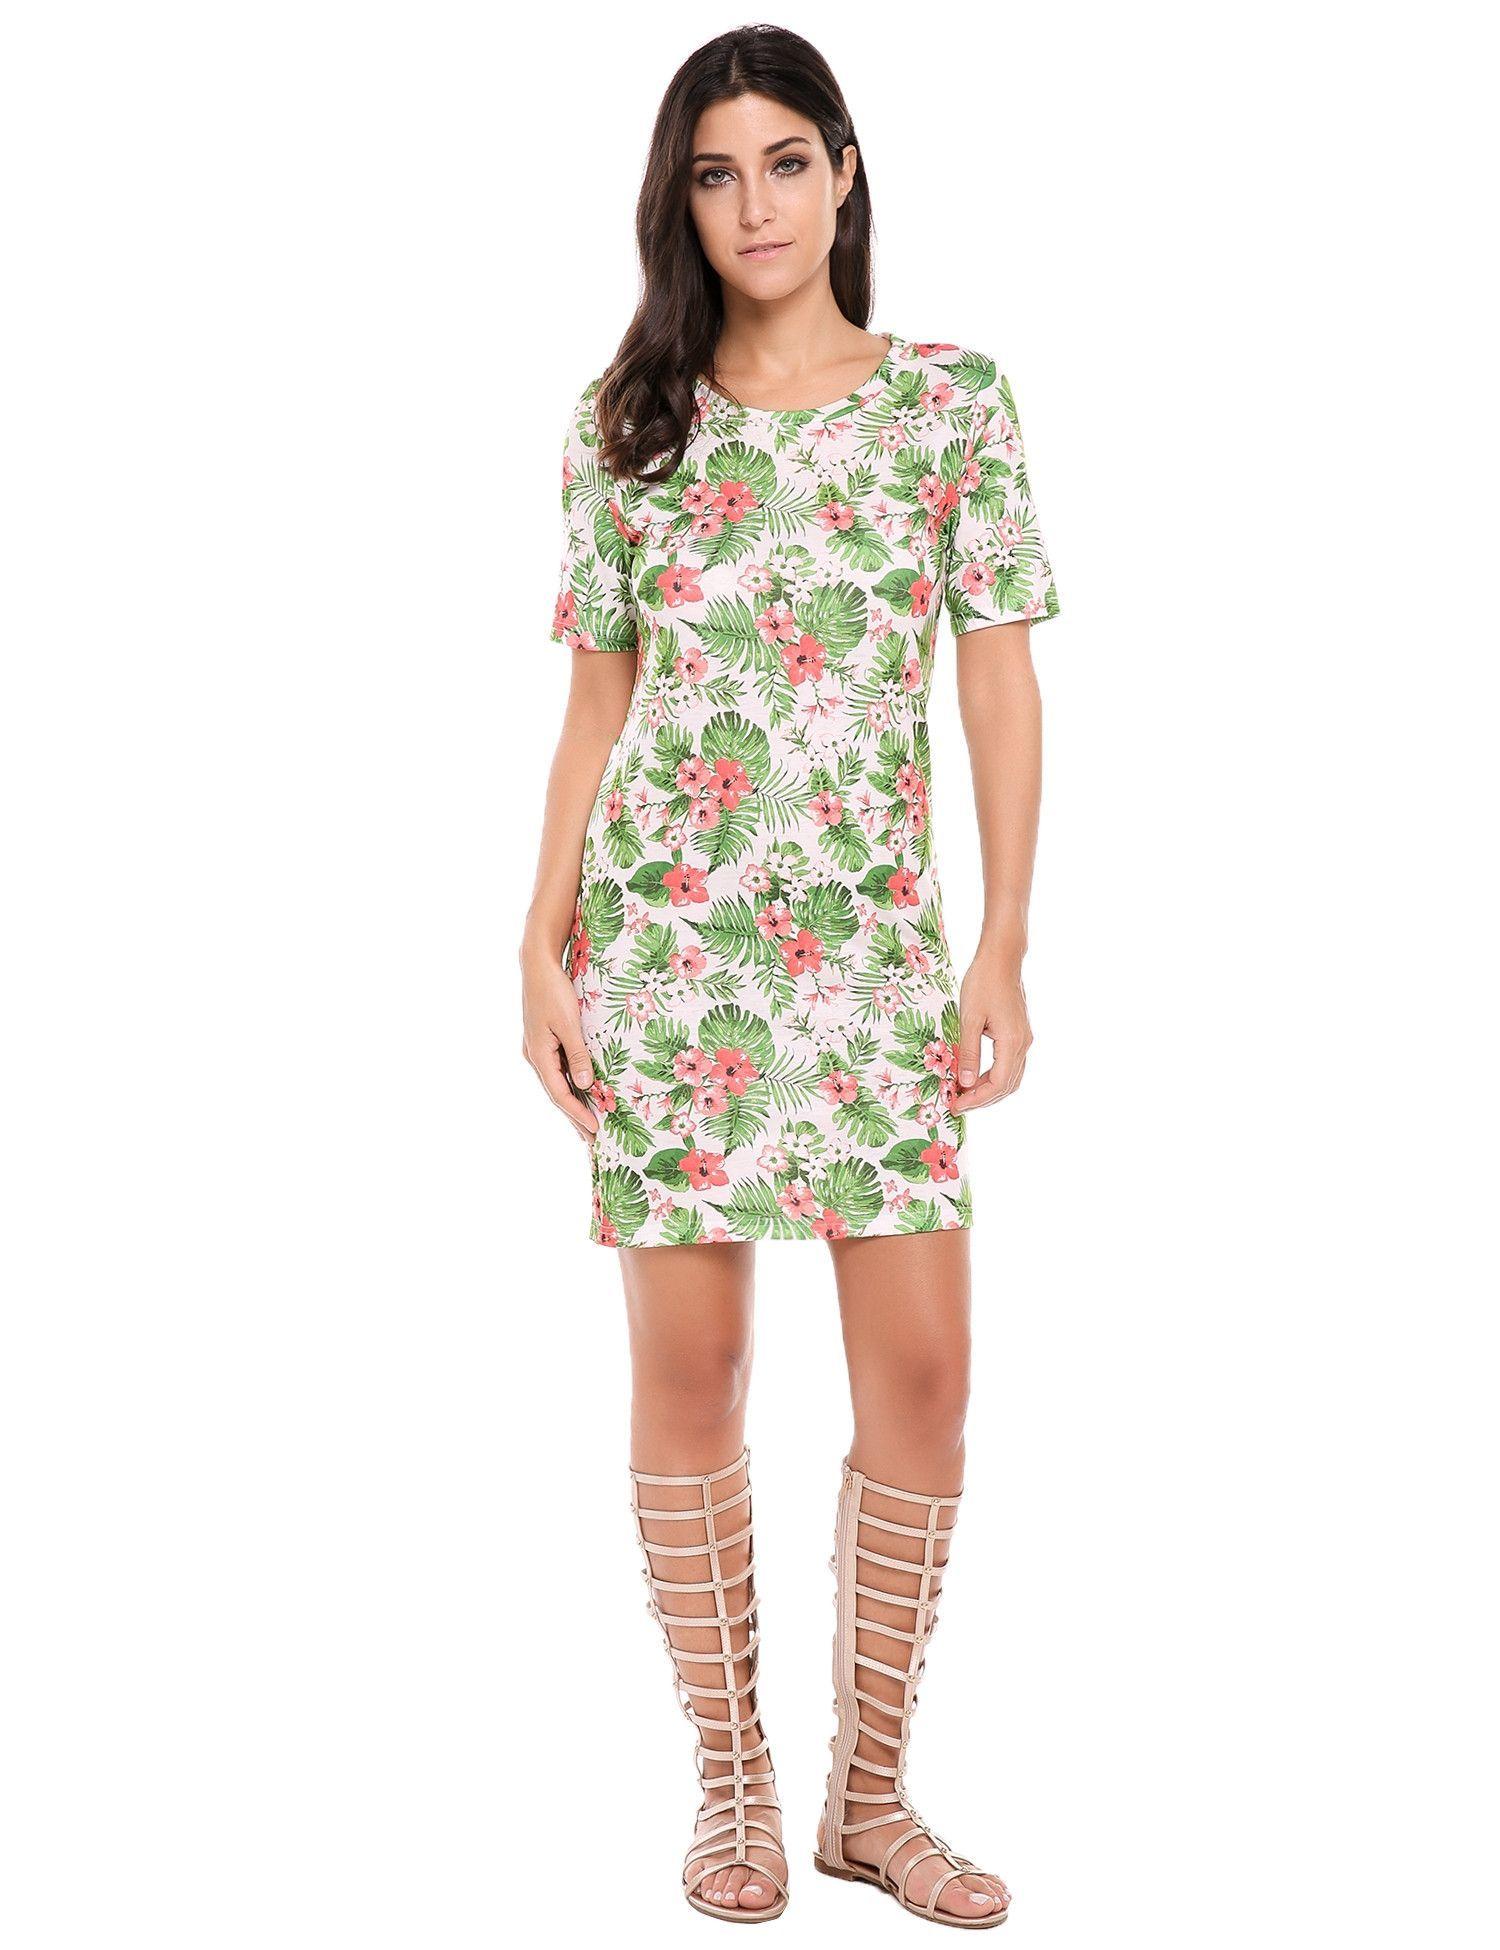 Green floral print short sleeve side slit slim fit tshirt dress